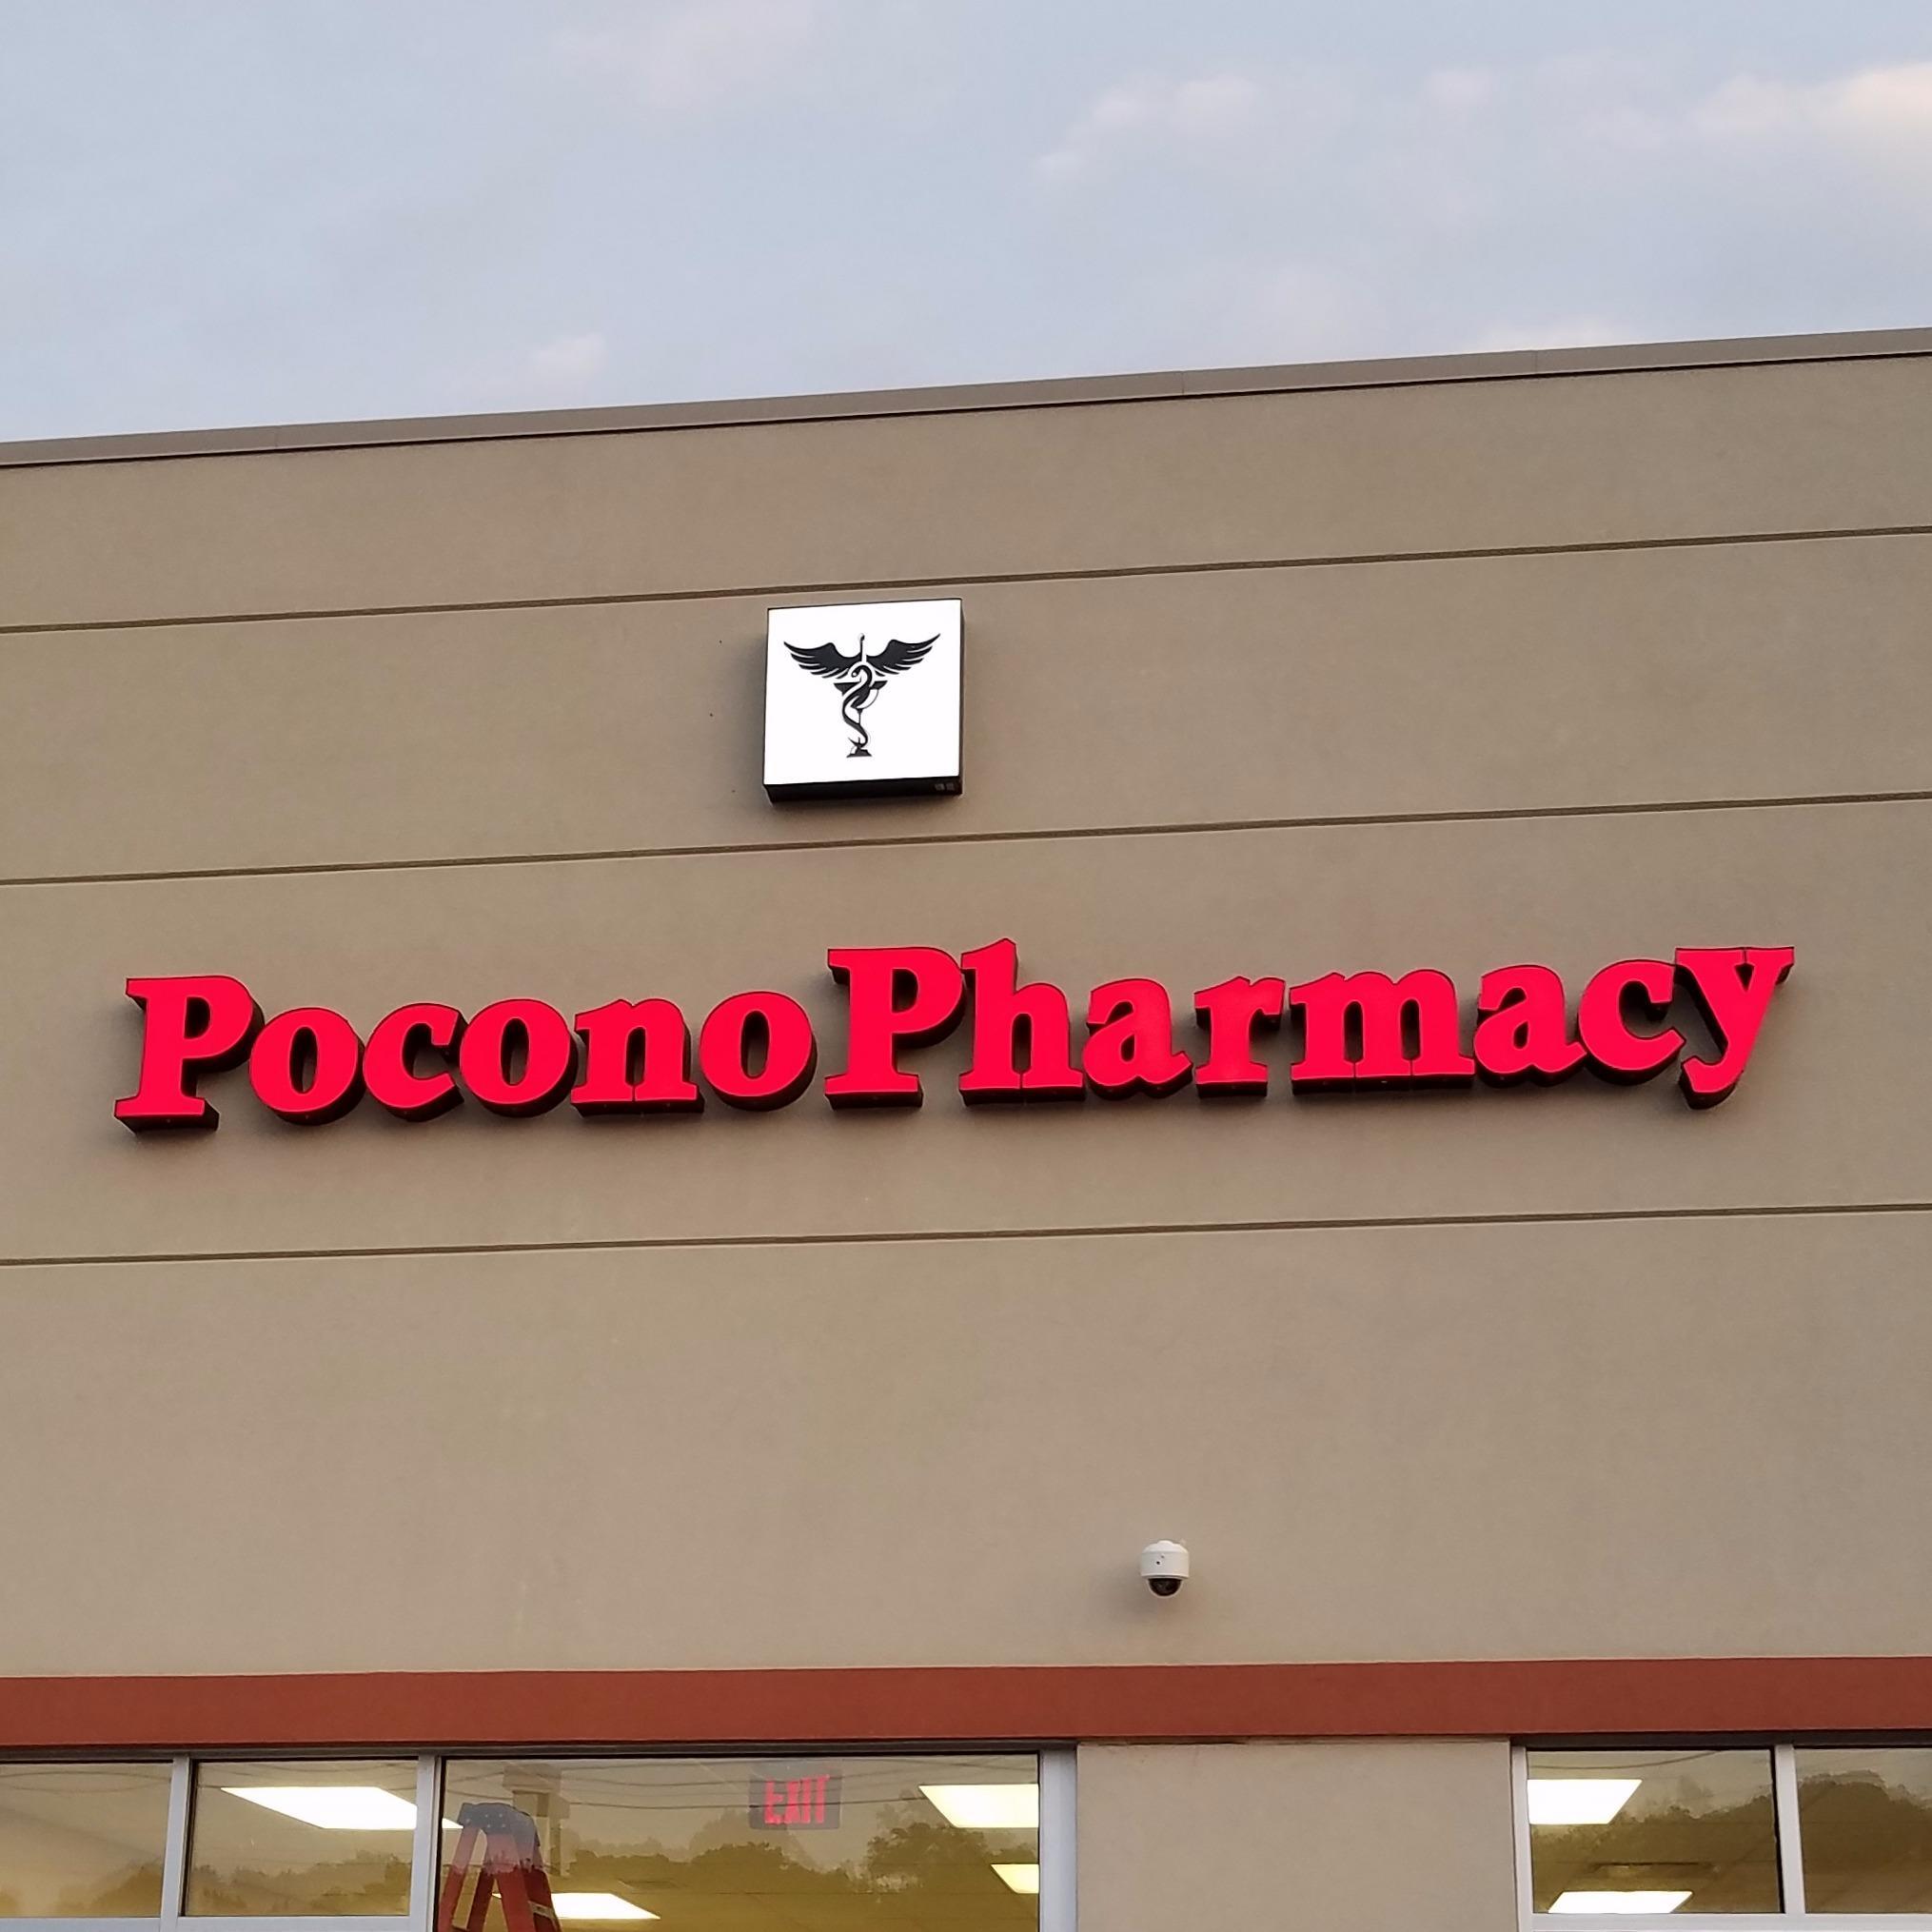 Pocono Pharmacy